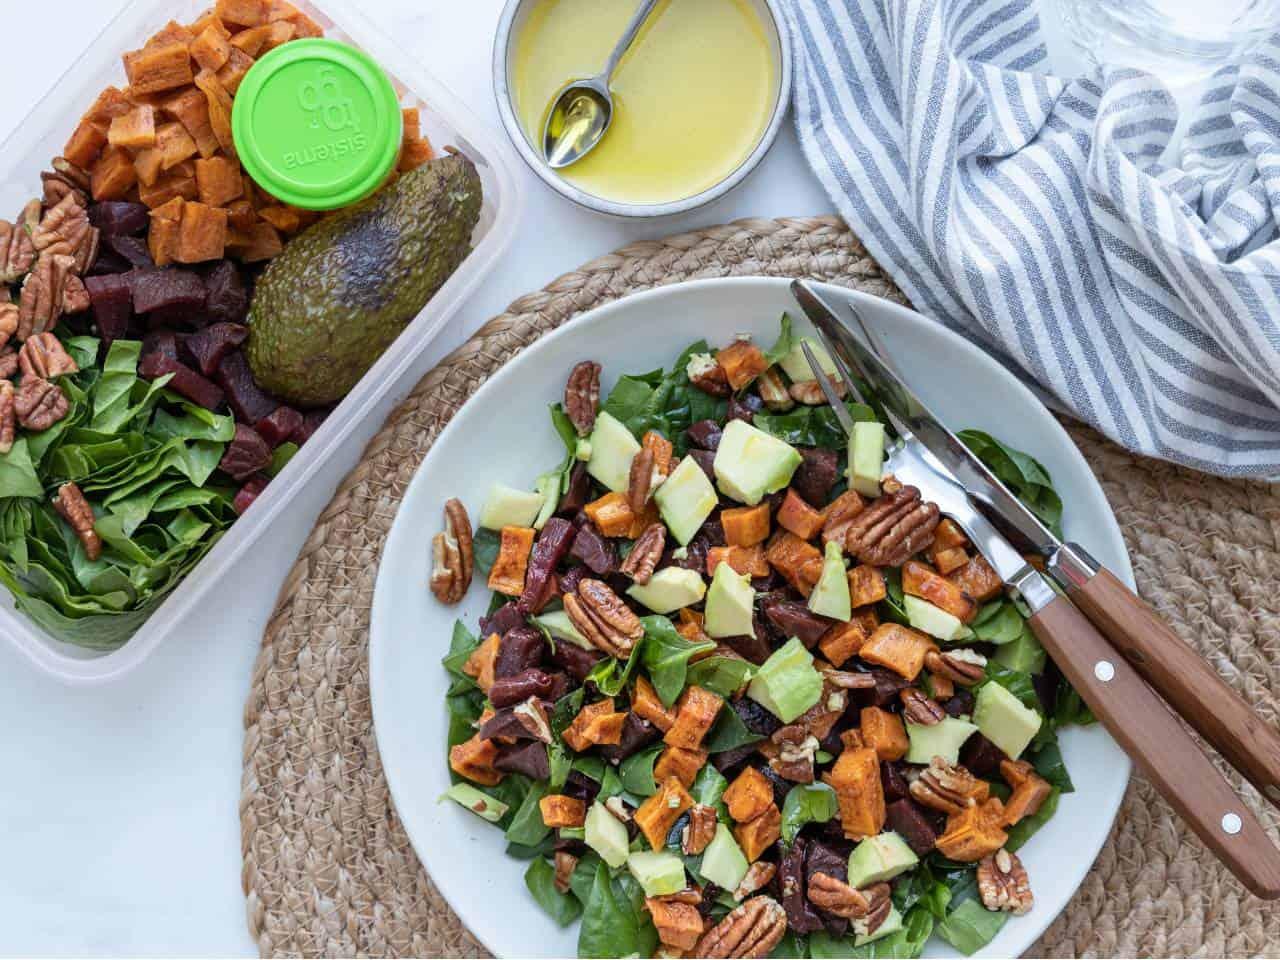 Bietensalade met zoete aardappel, spinazie, pecannoten en avocado